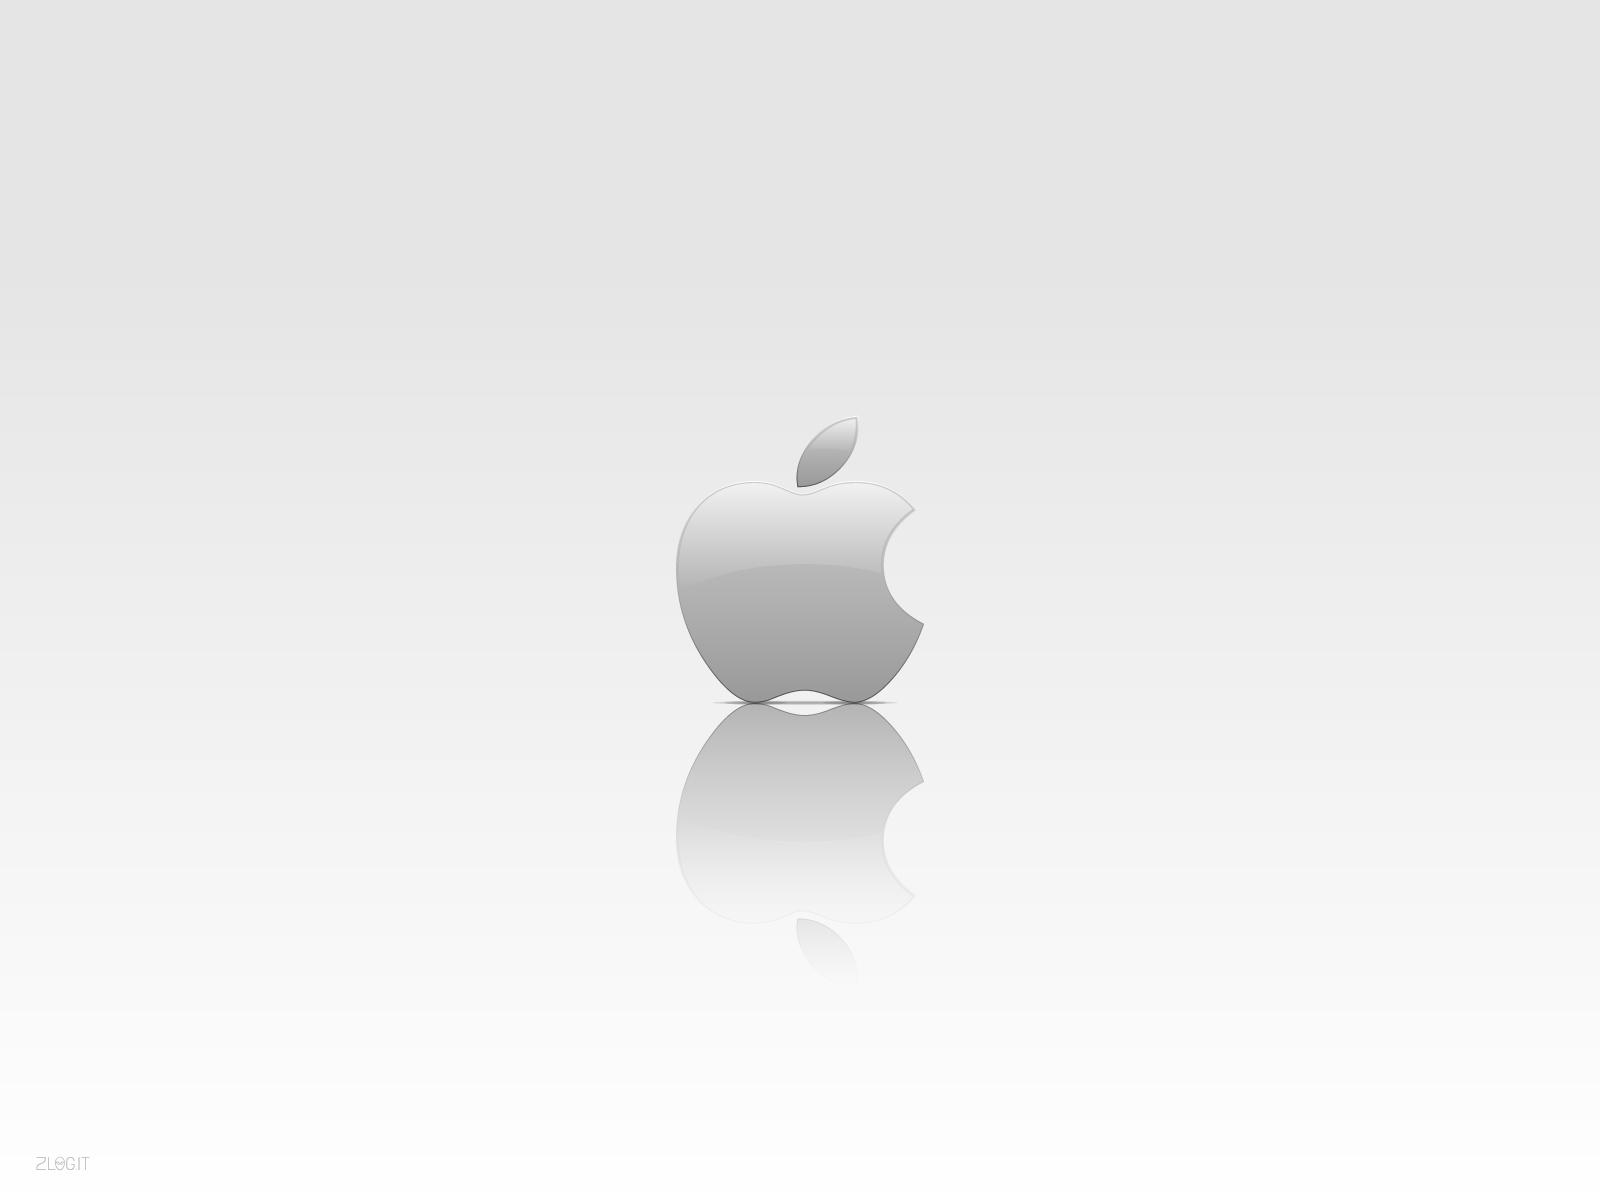 シンプルなアップルロゴ